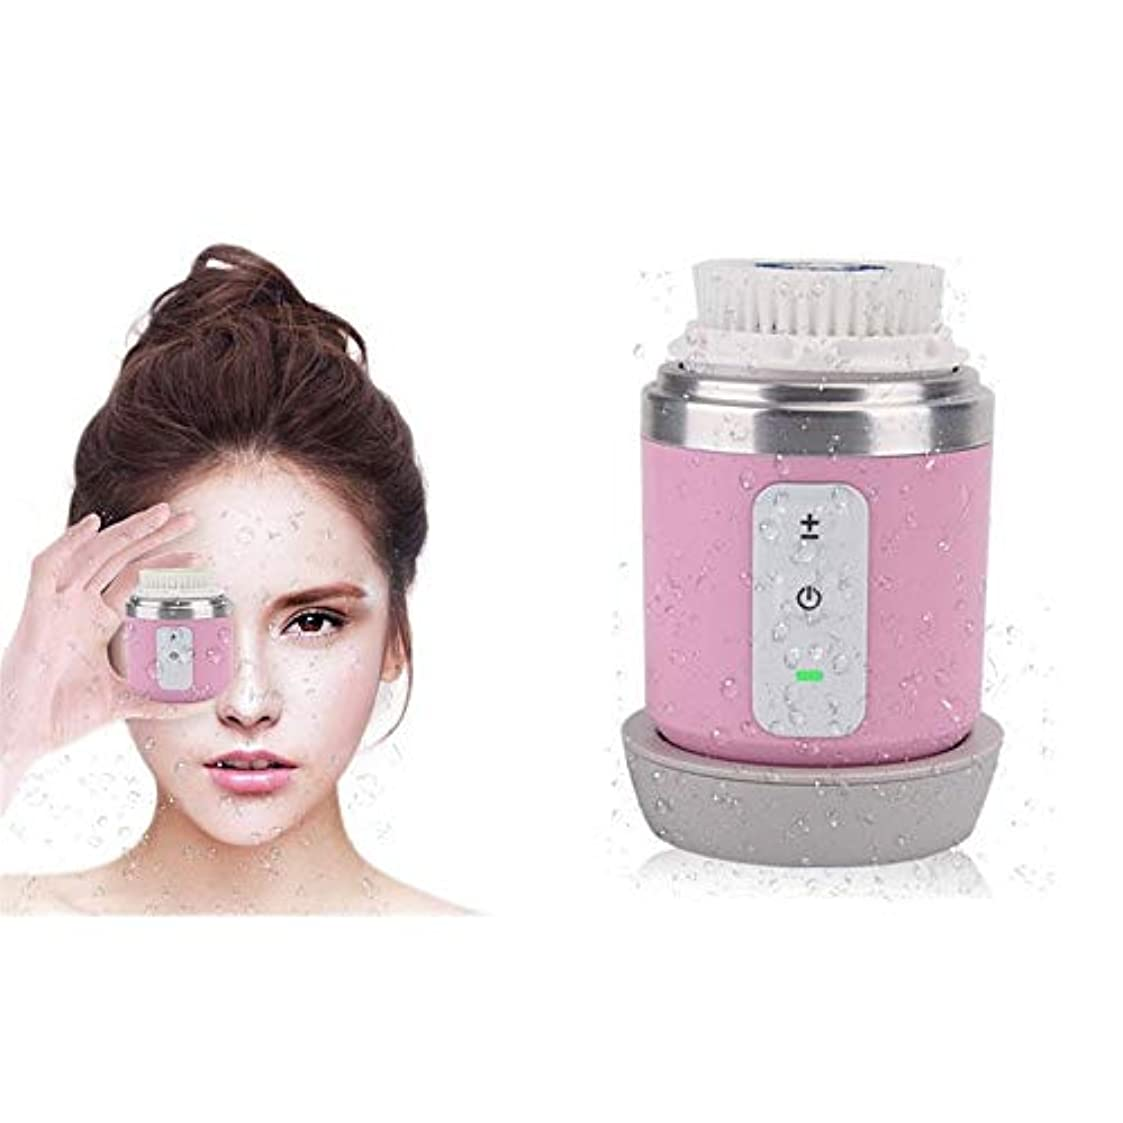 異形空の店主フェイシャル?クレンザーブラシ、電動洗顔ブラシ、エクスフォリエイティングとブラックヘッドのためにブラックヘッドシリコーン美容インストゥルメントアプライアンスに防水クレンジング器振動クリーナー毛穴